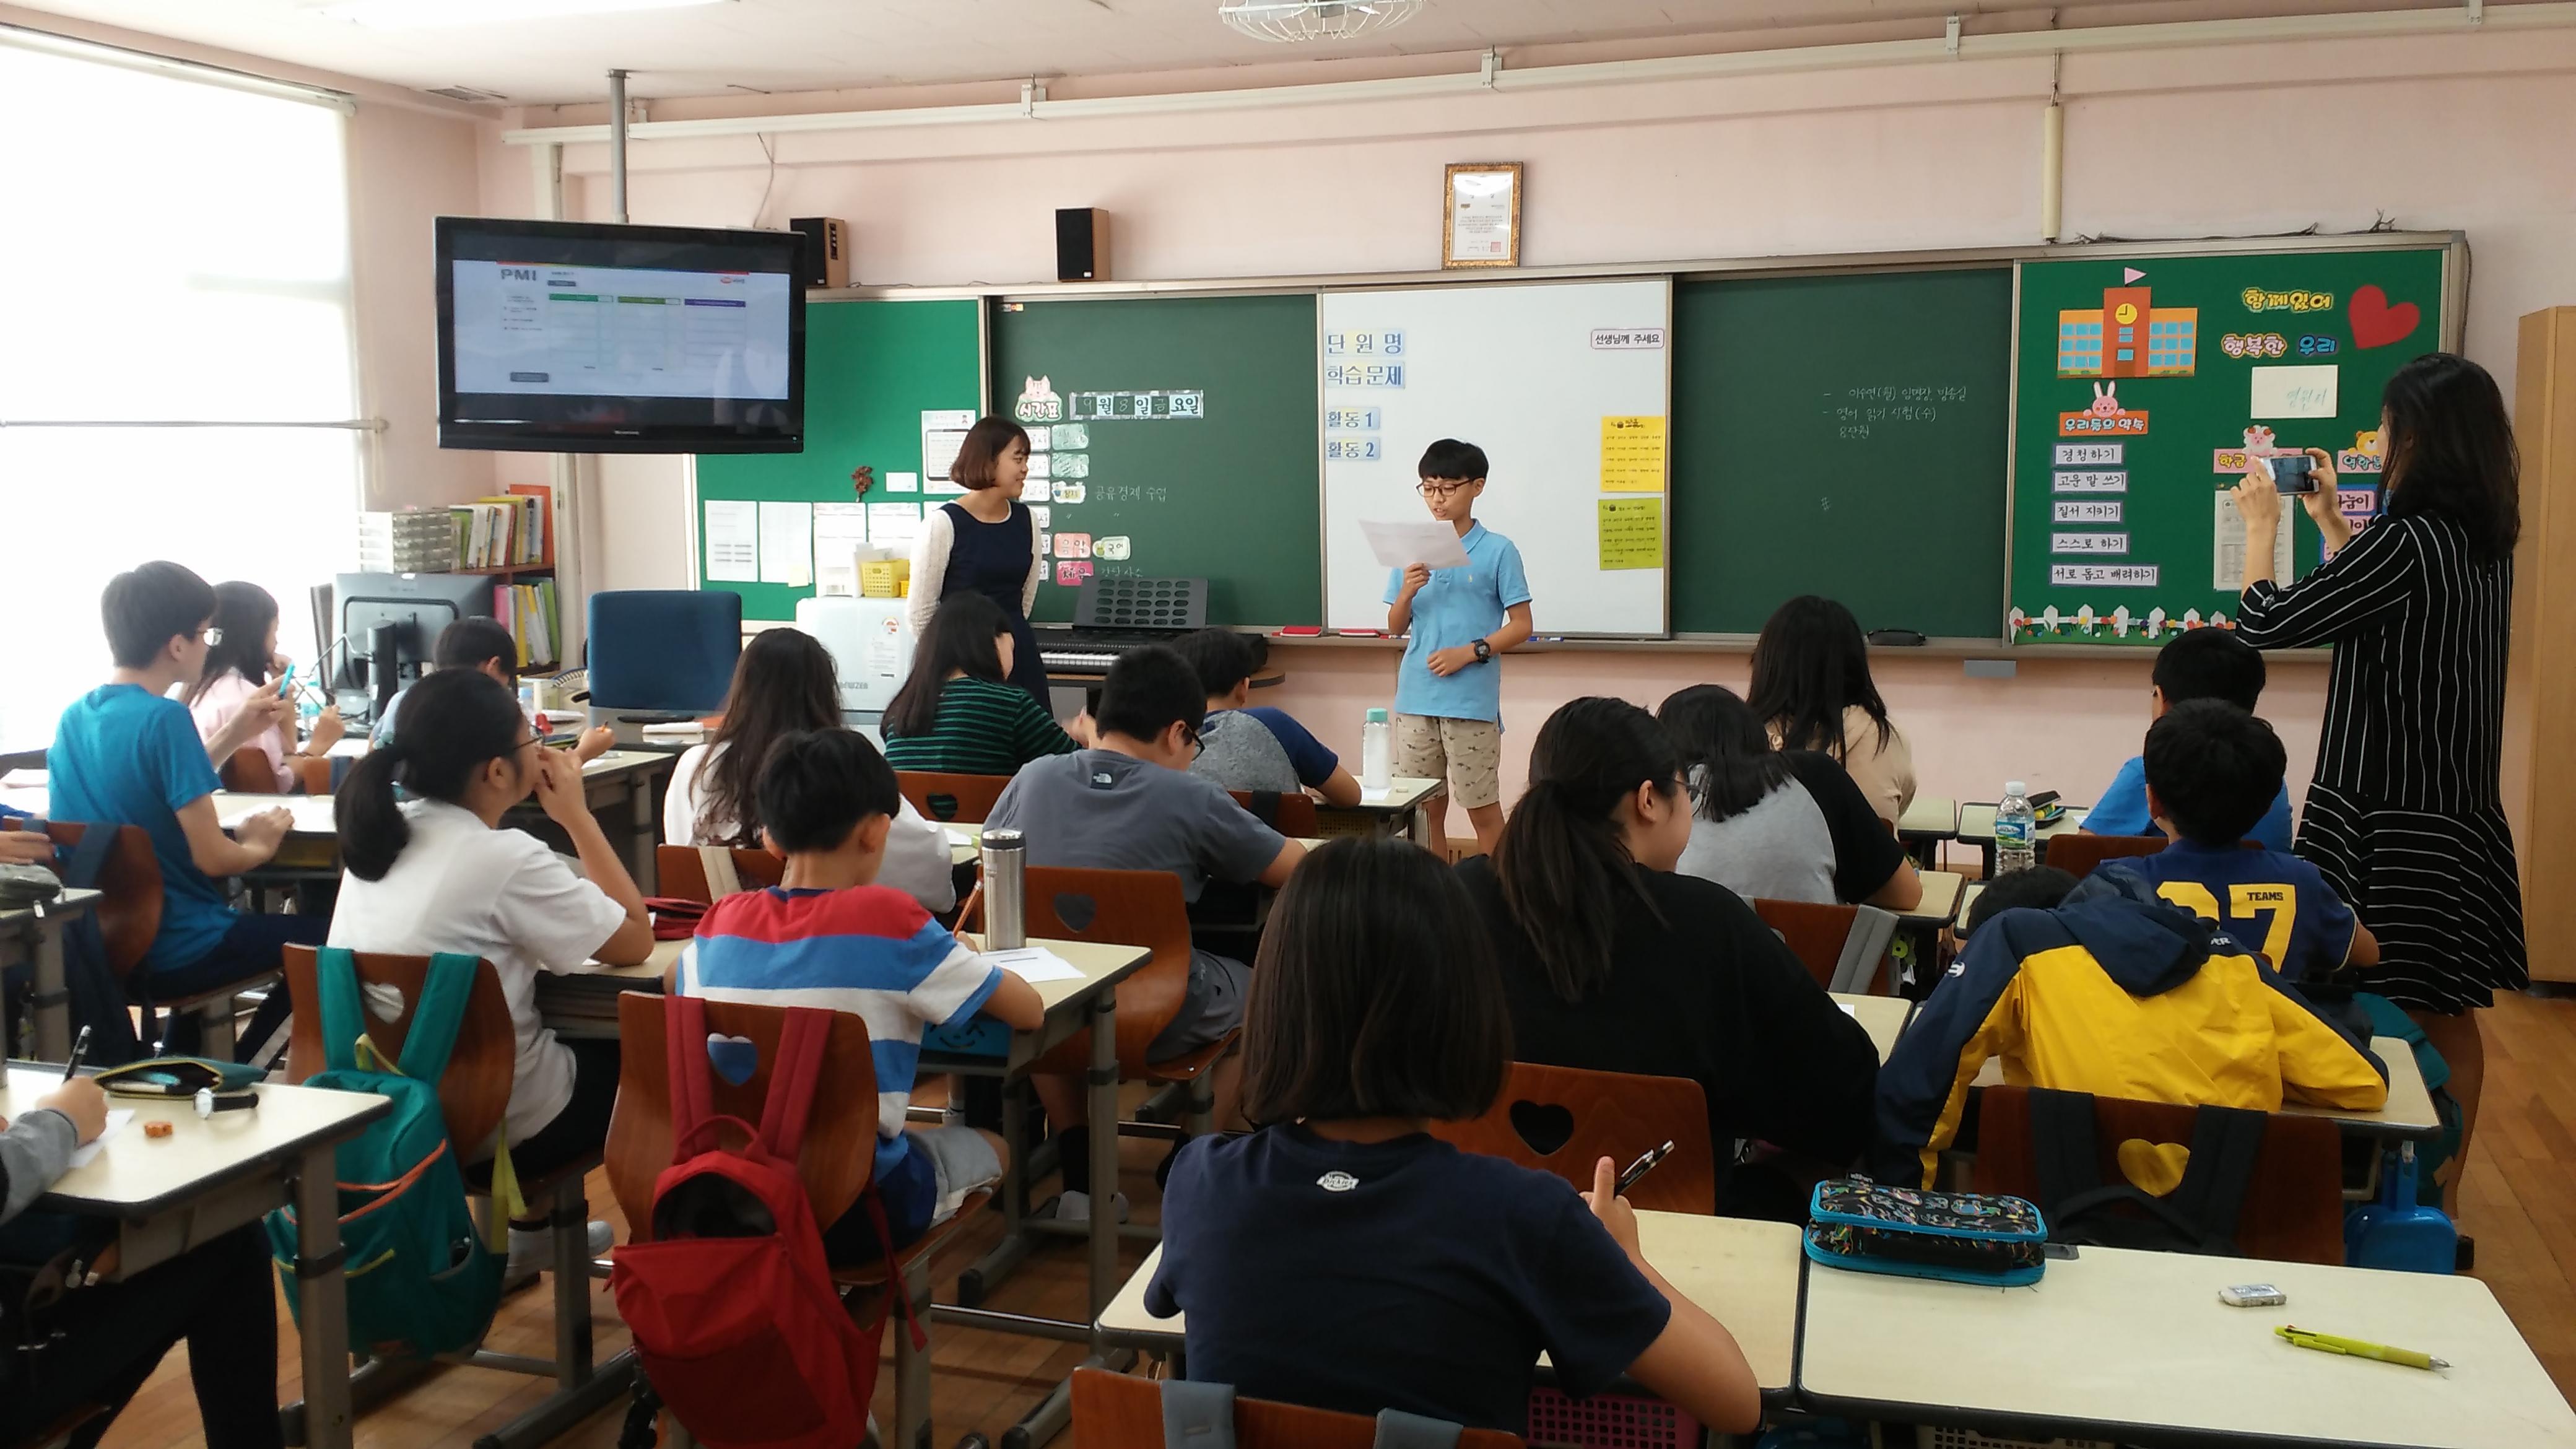 2017 09 08 공덕초 공유경제씨앗학교 사진01